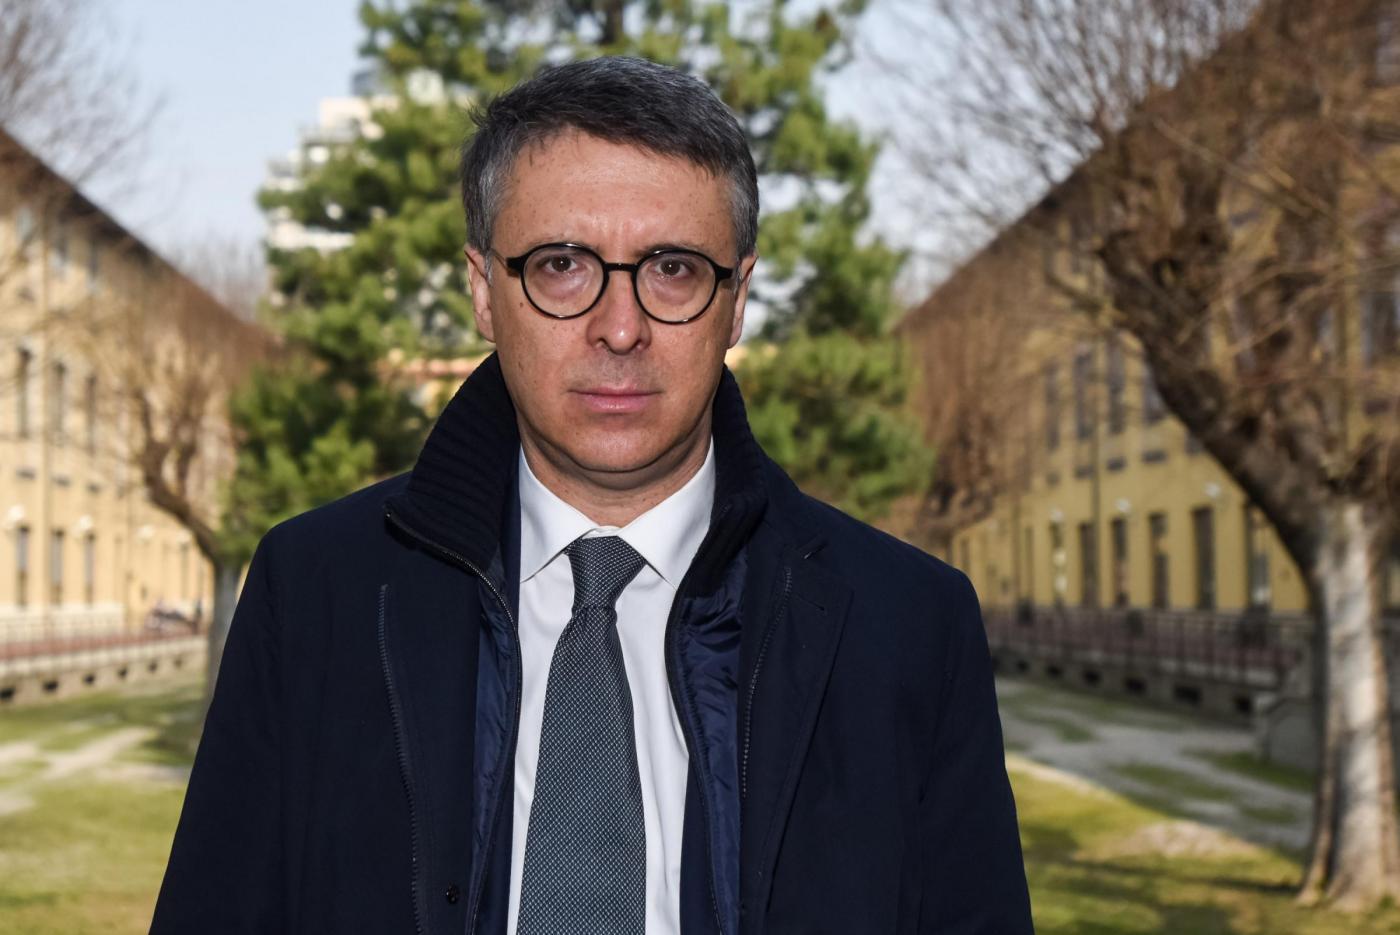 Legalizzazione droghe leggere, anche Raffaele Cantone è favorevole